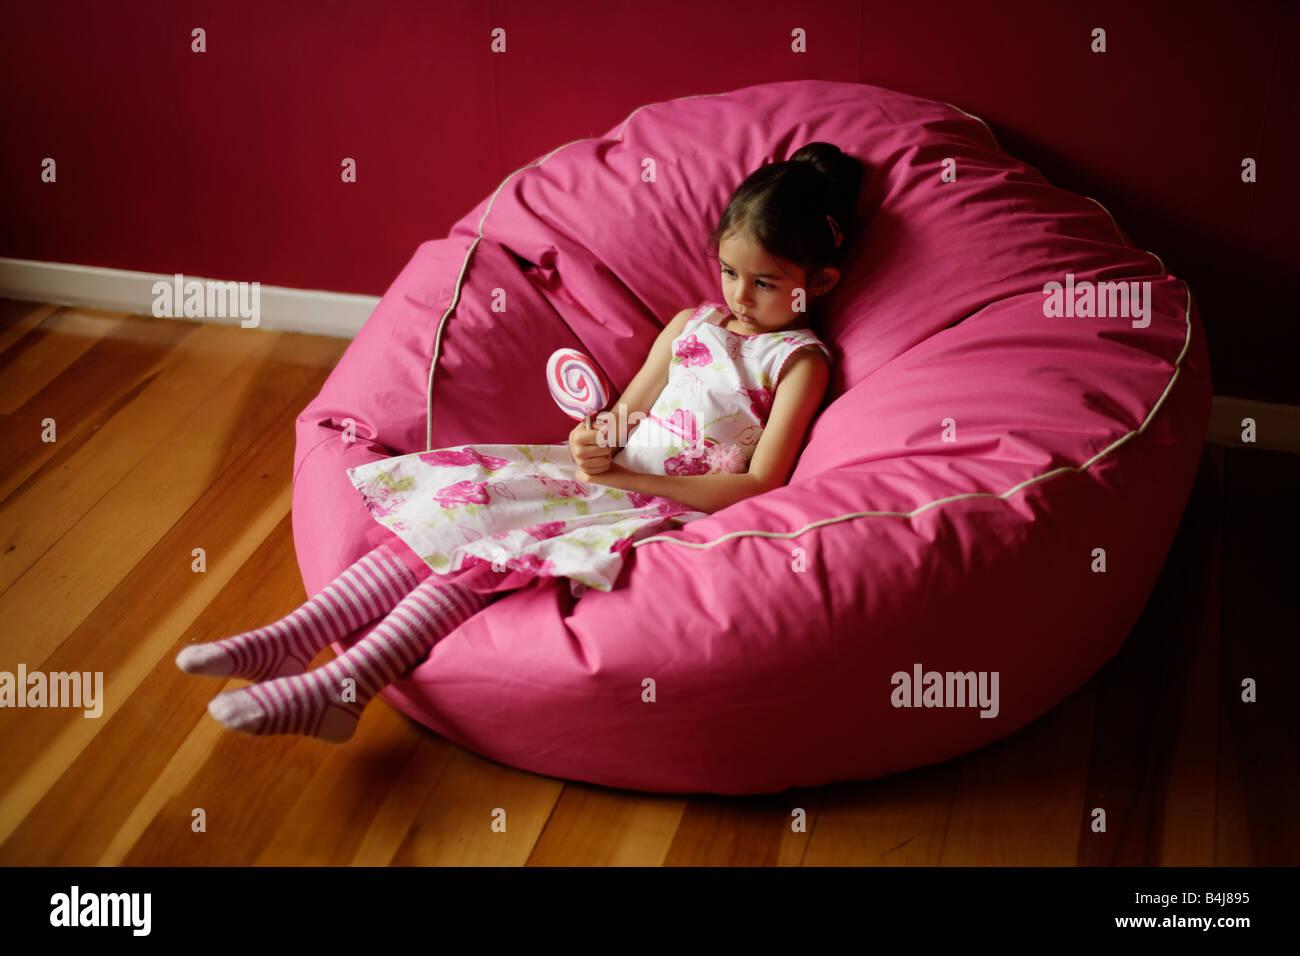 Ragazza 5 in rosa bean bag con lecca-lecca Immagini Stock